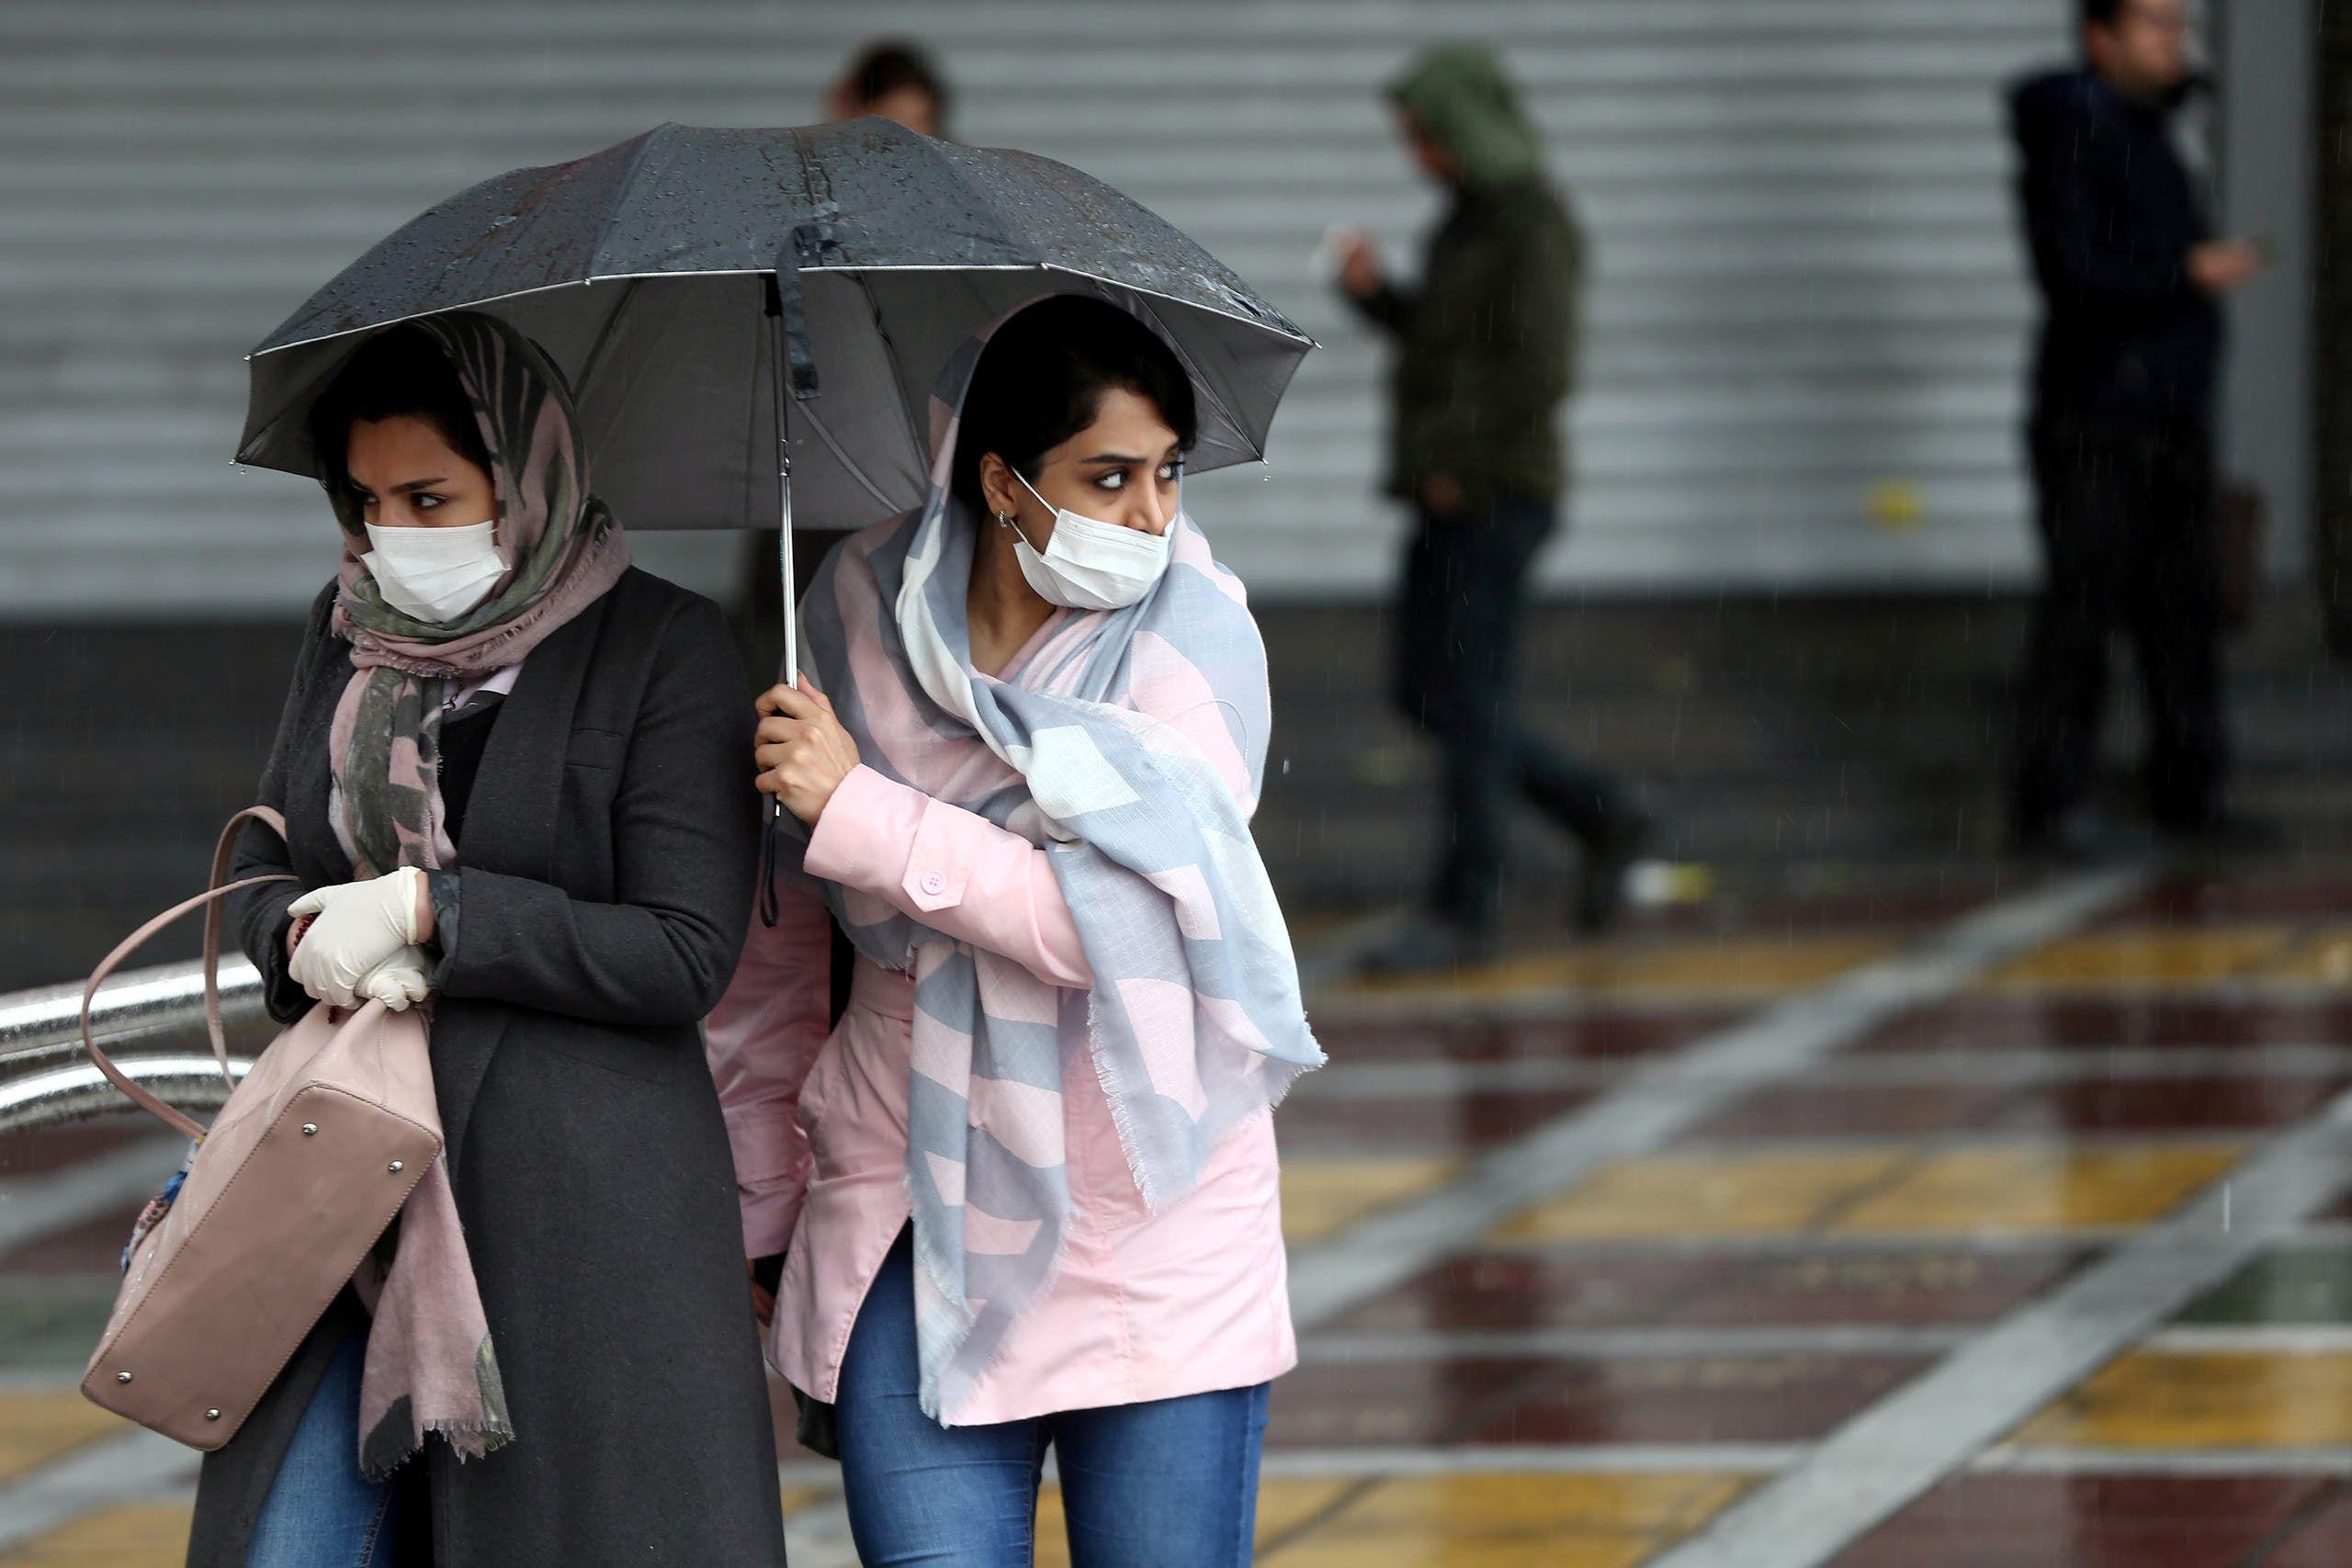 إيرانيتان تضعان كمامات واقية خلال تجولهما في طهران خشيةً من كورونا